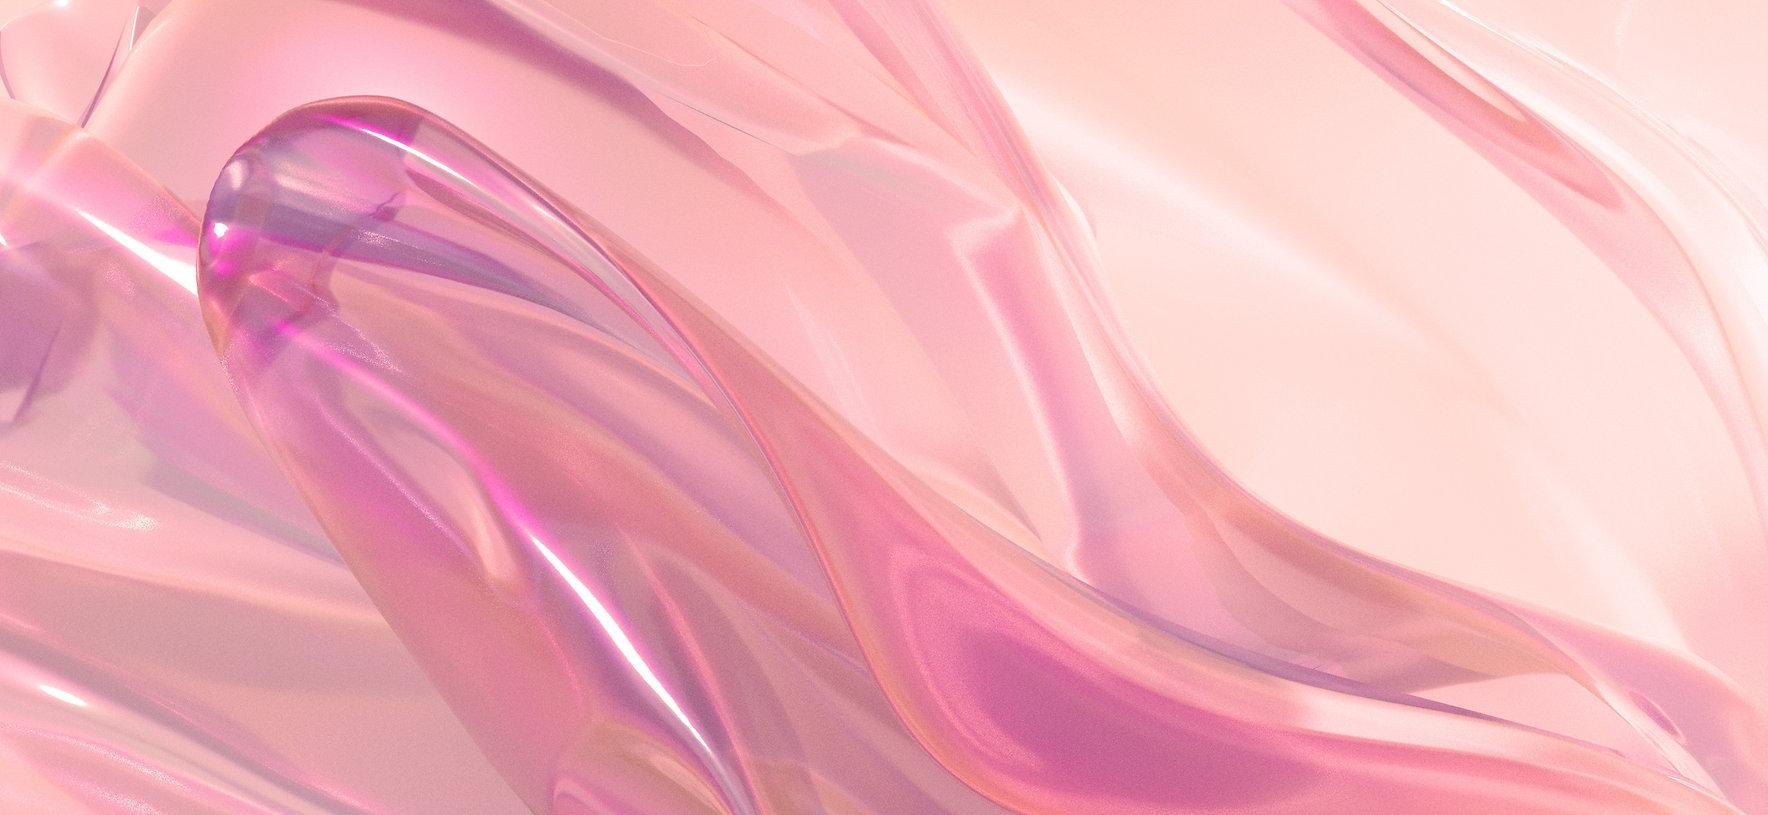 Pink Liquid_edited.jpg